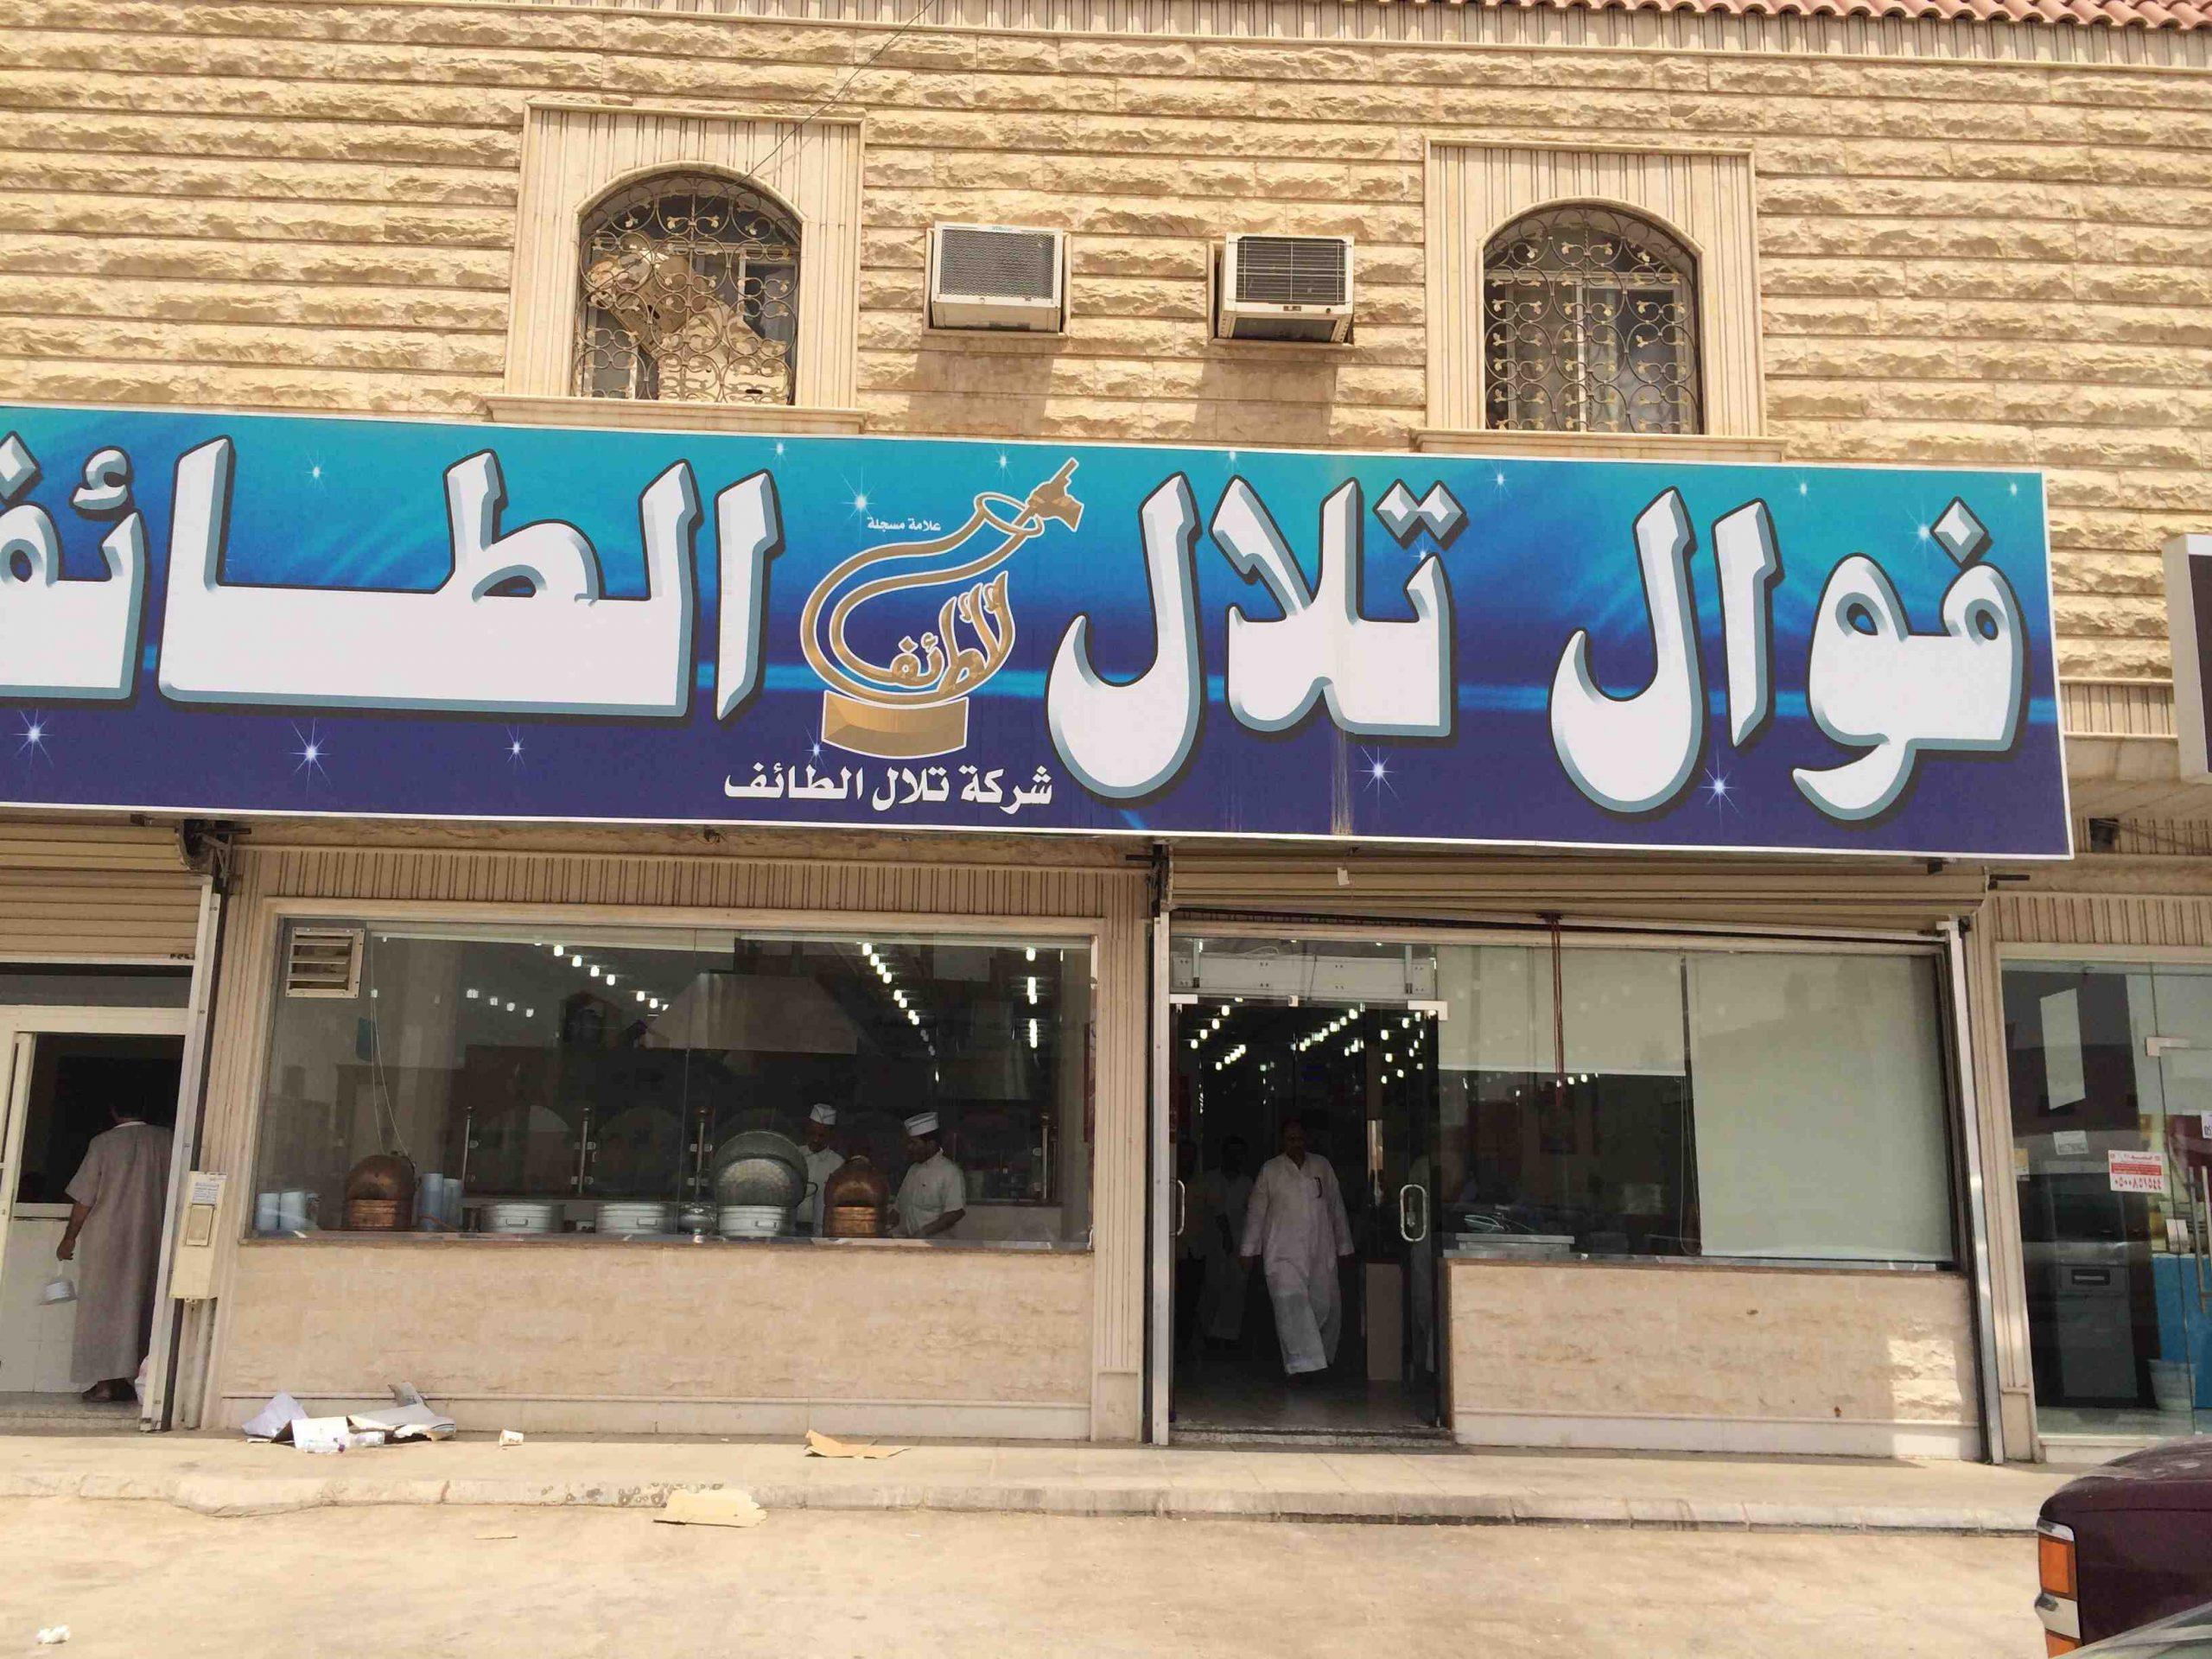 مطعم فوال تلال الطائف الأسعار المنيو الموقع كافيهات و مطاعم الرياض